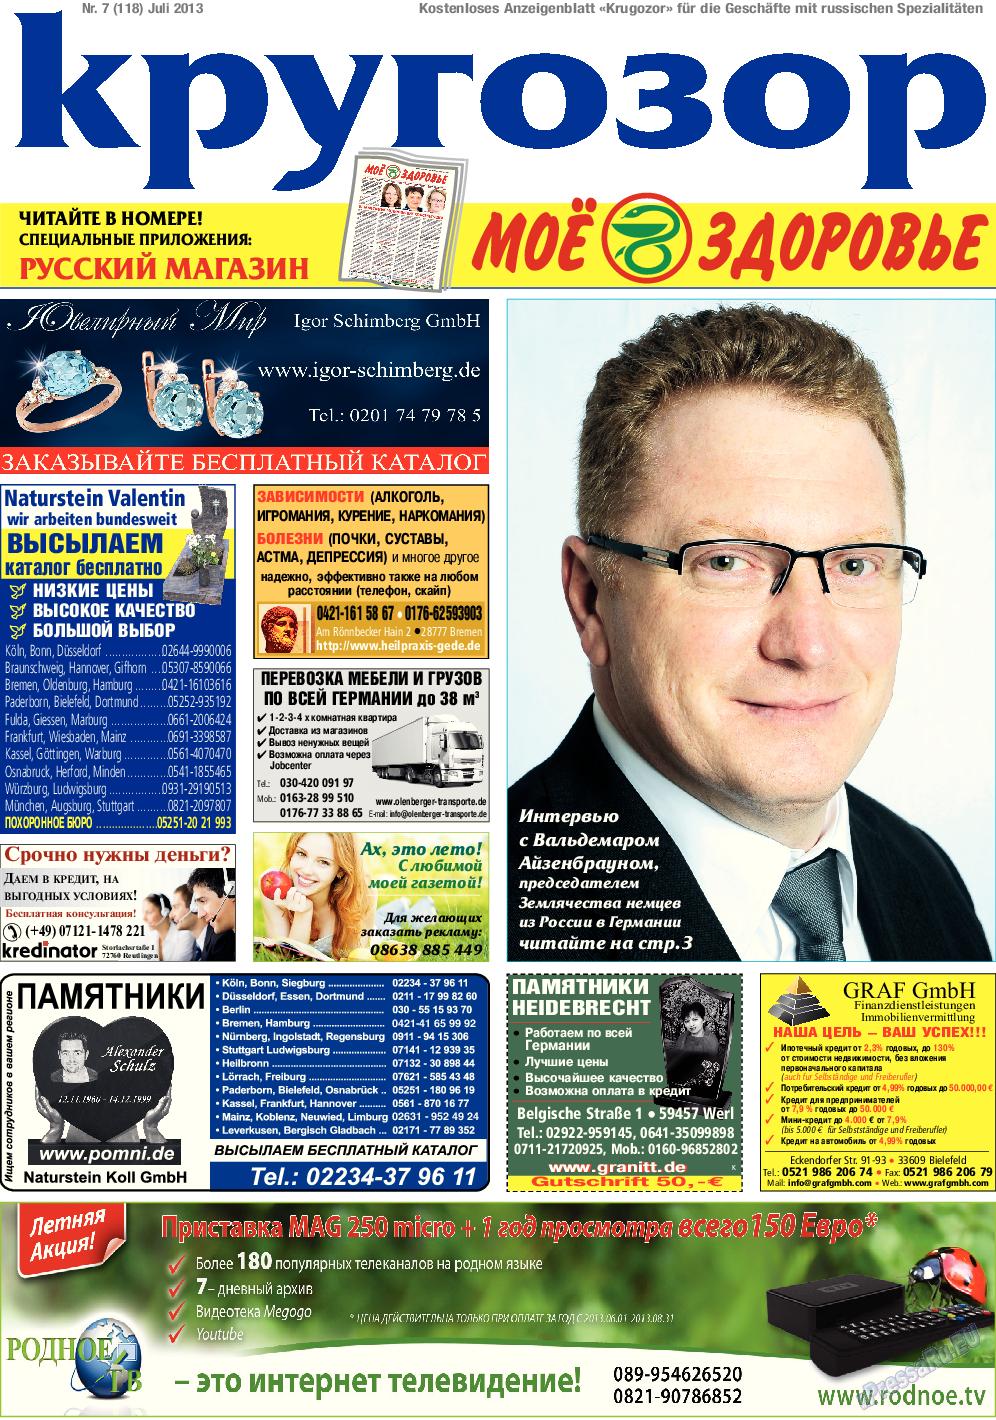 Кругозор (газета). 2013 год, номер 7, стр. 1